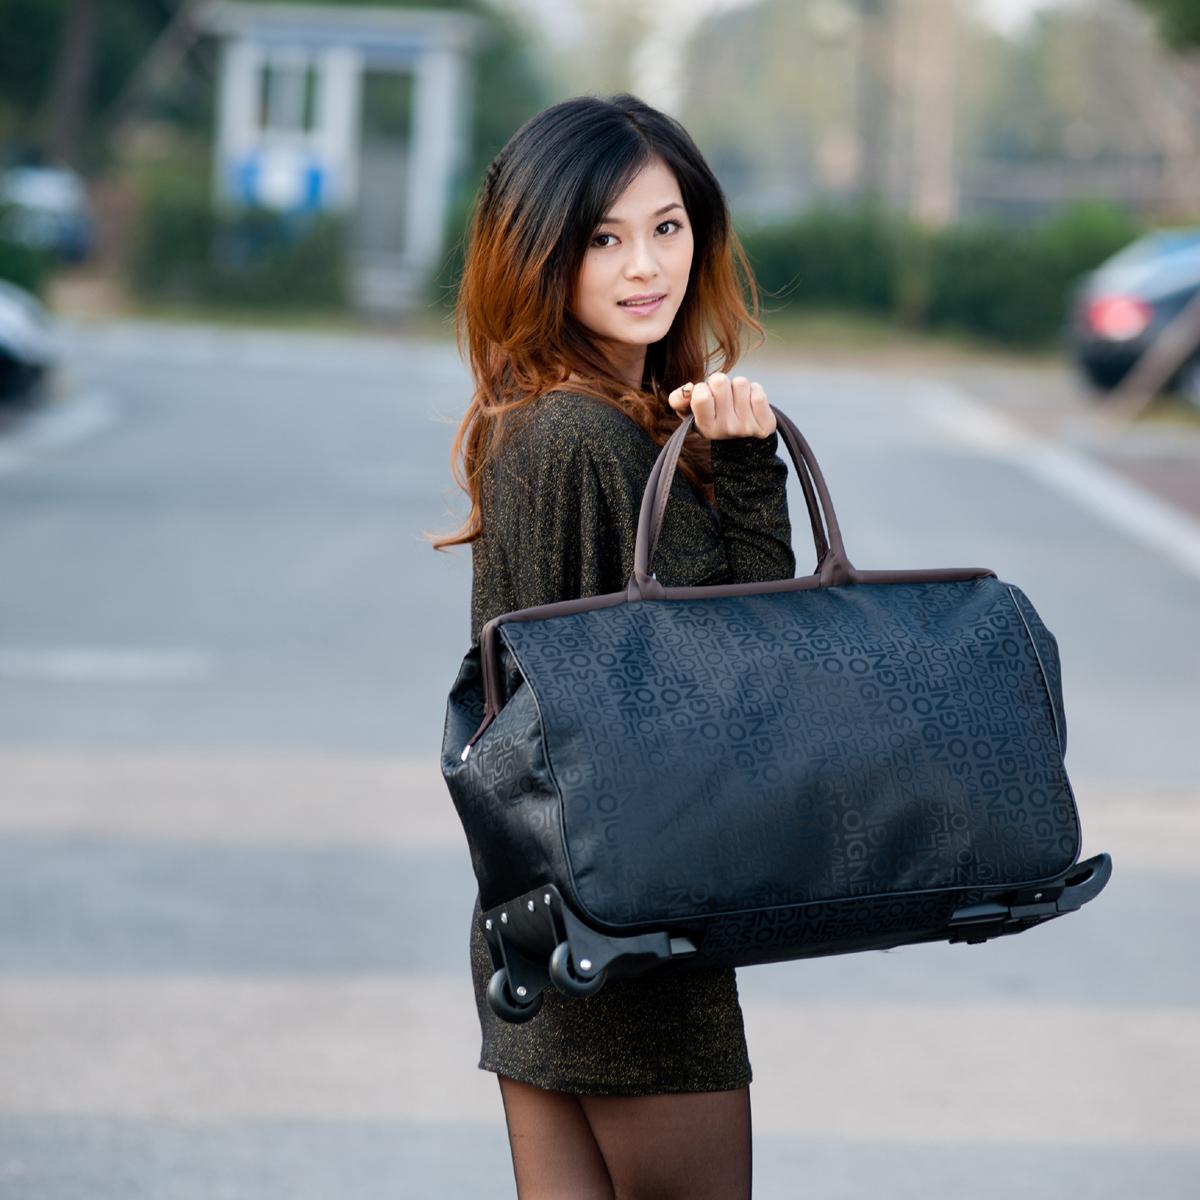 彭丽媛手提包 拉杆包行李包拉杆女手提旅行包大容量登机包男士短途旅游包手拖包_推荐淘宝好看的女手提包